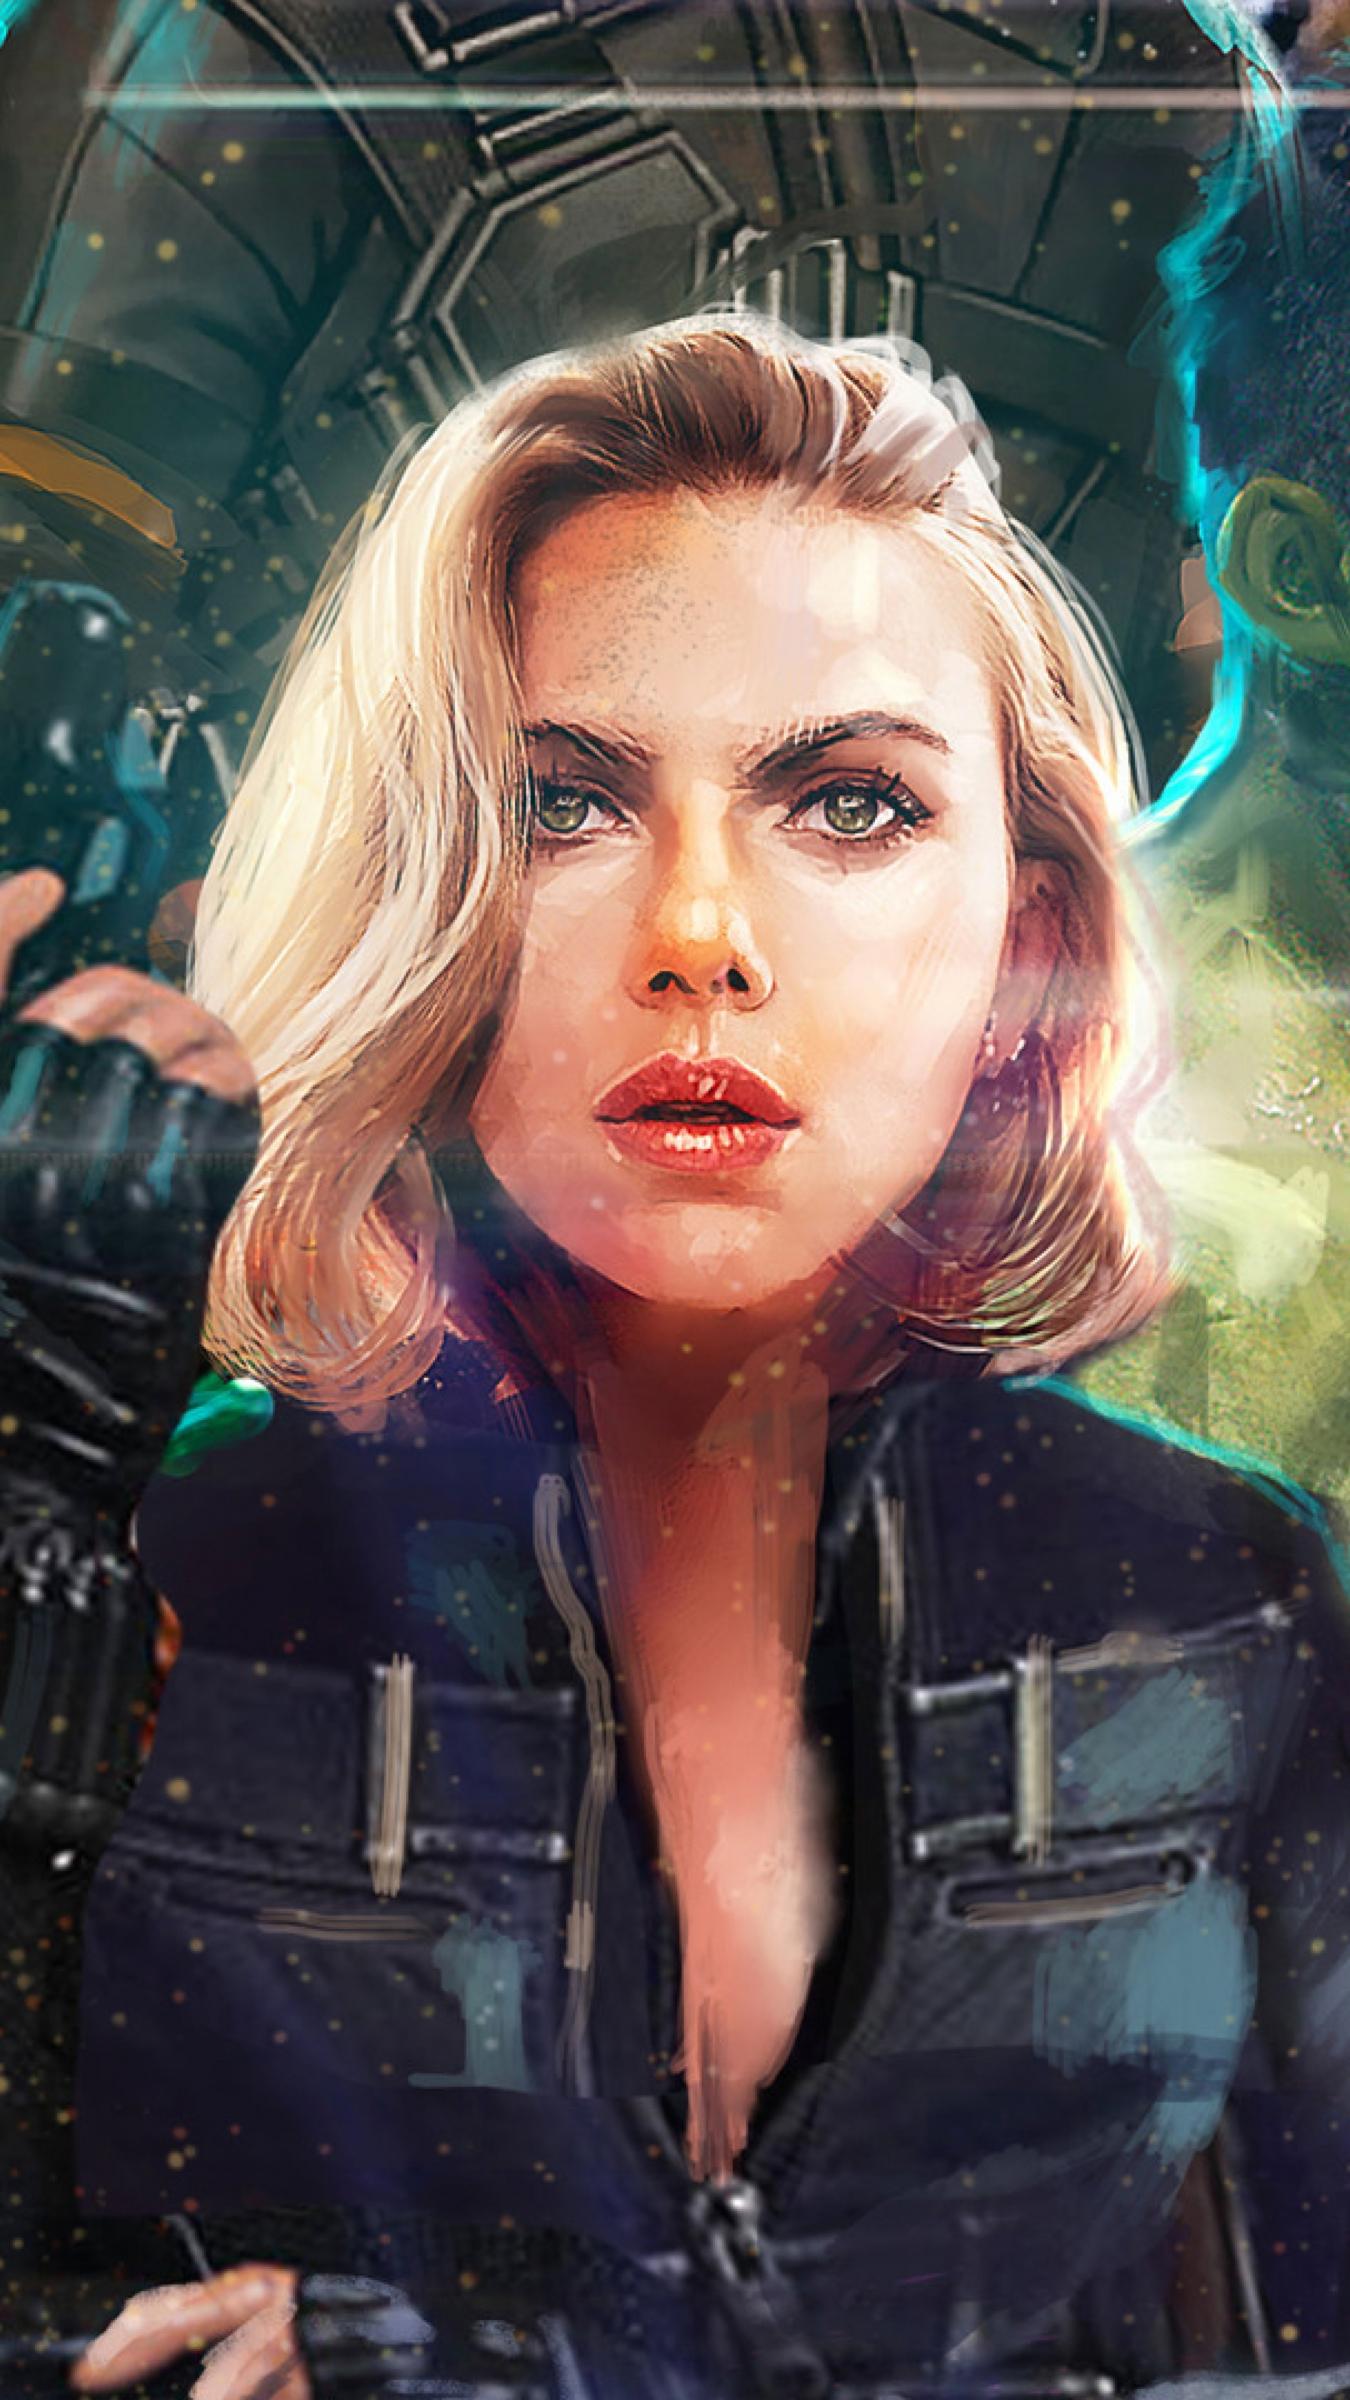 Black Widow Infinity War Wallpapers Wallpaper Cave